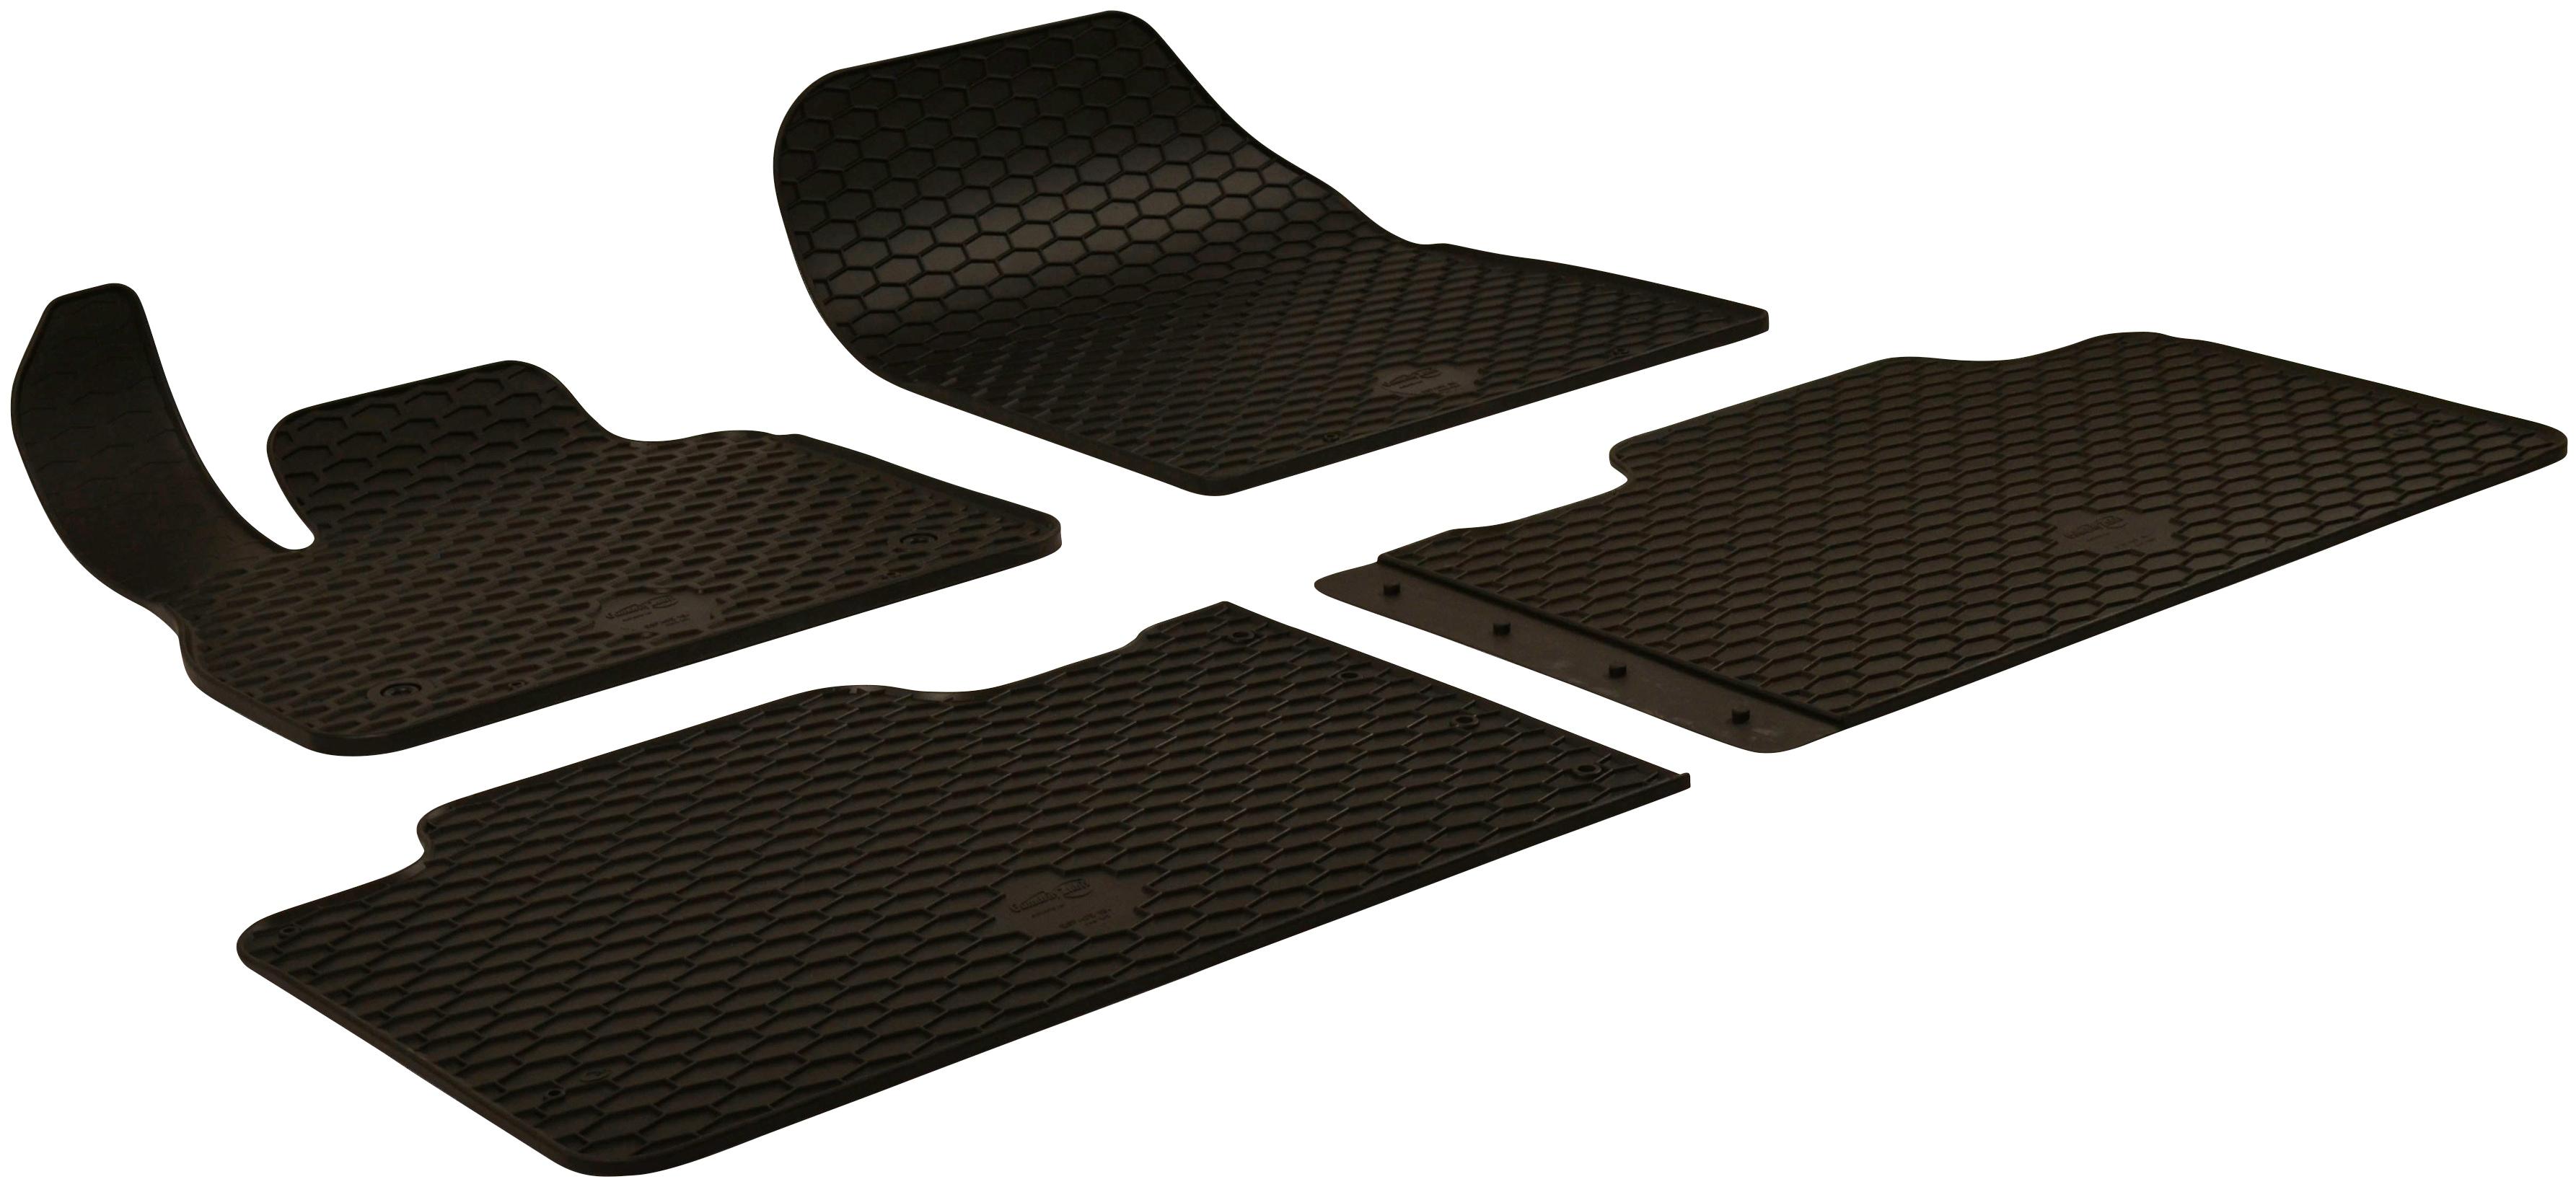 WALSER Passform-Fußmatten, Renault, Espace, Großr.lim., (4 St., 2 Vordermatten, Rückmatten), für Renault Espace BJ 2015 - heute schwarz Automatten Autozubehör Reifen Passform-Fußmatten